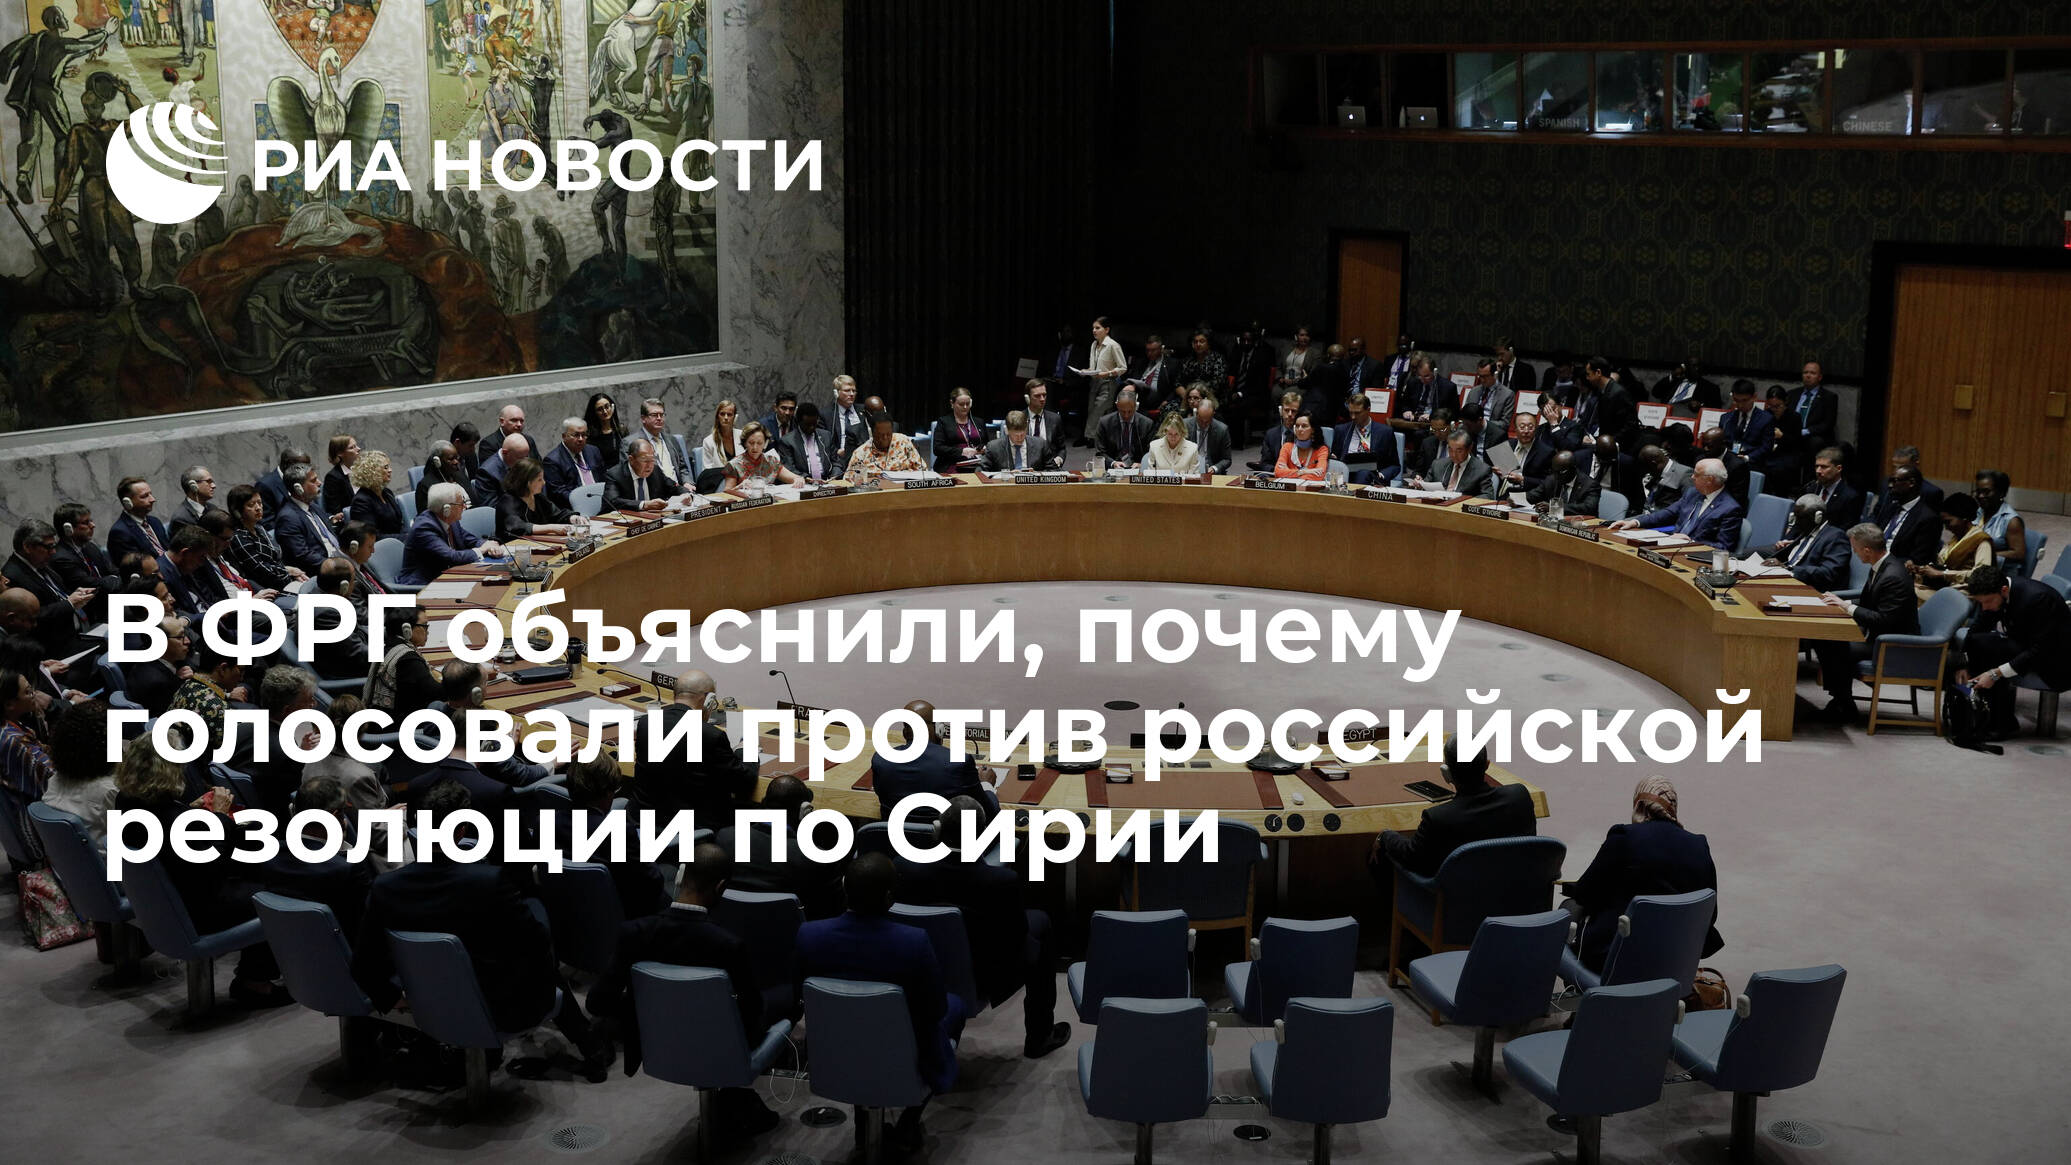 В ФРГ объяснили, почему голосовали против российской резолюции по Сирии - РИА НОВОСТИ